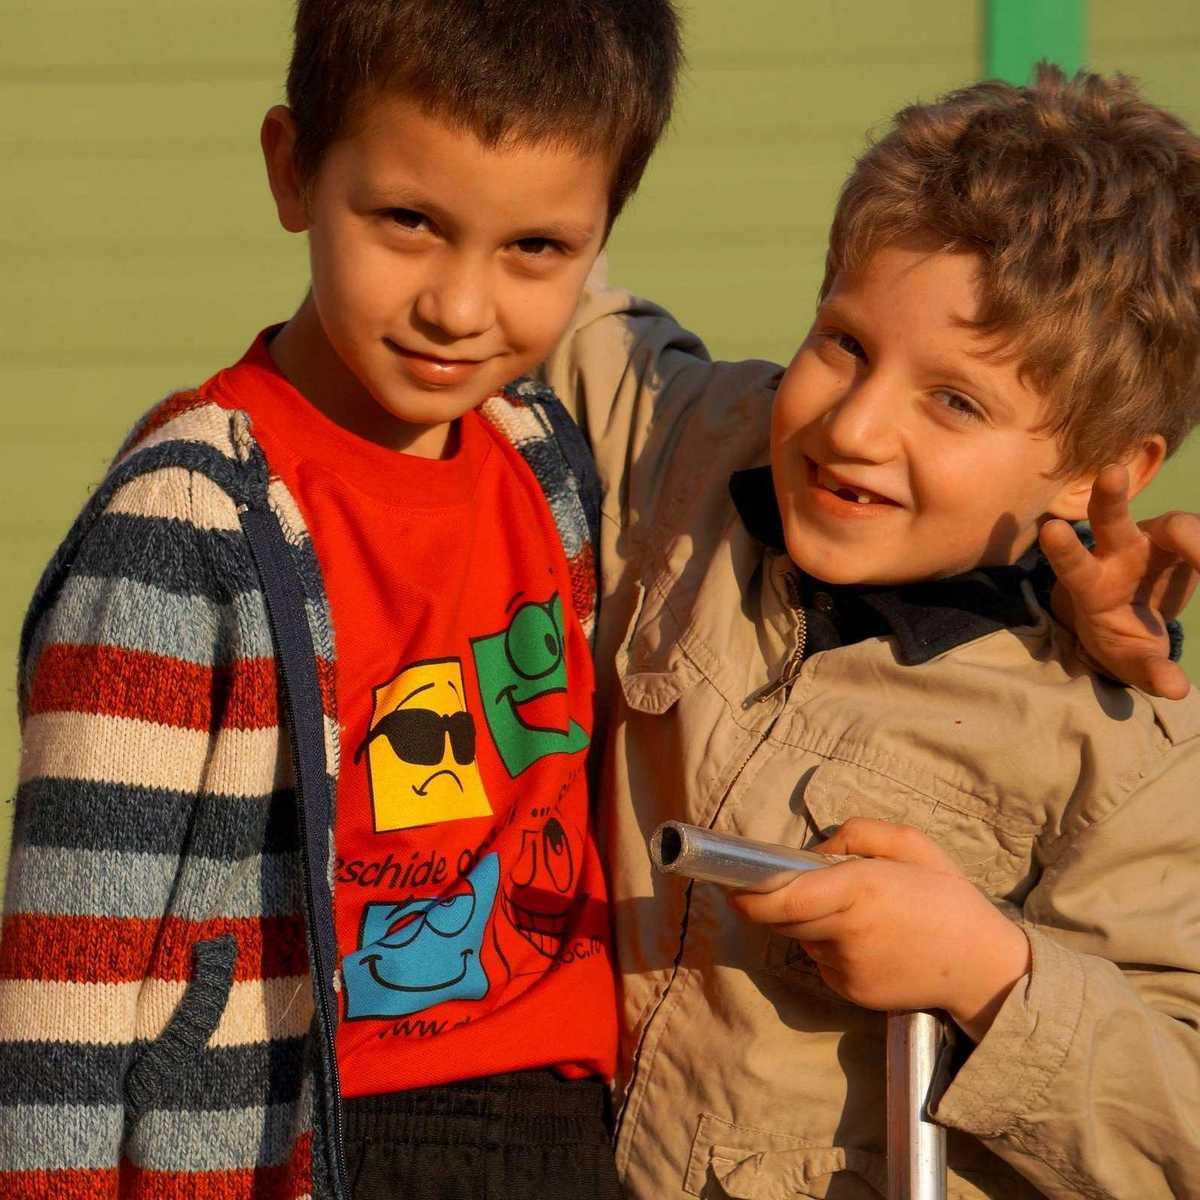 Zwei Jungs beim spielen im Don Bosco Zentrum